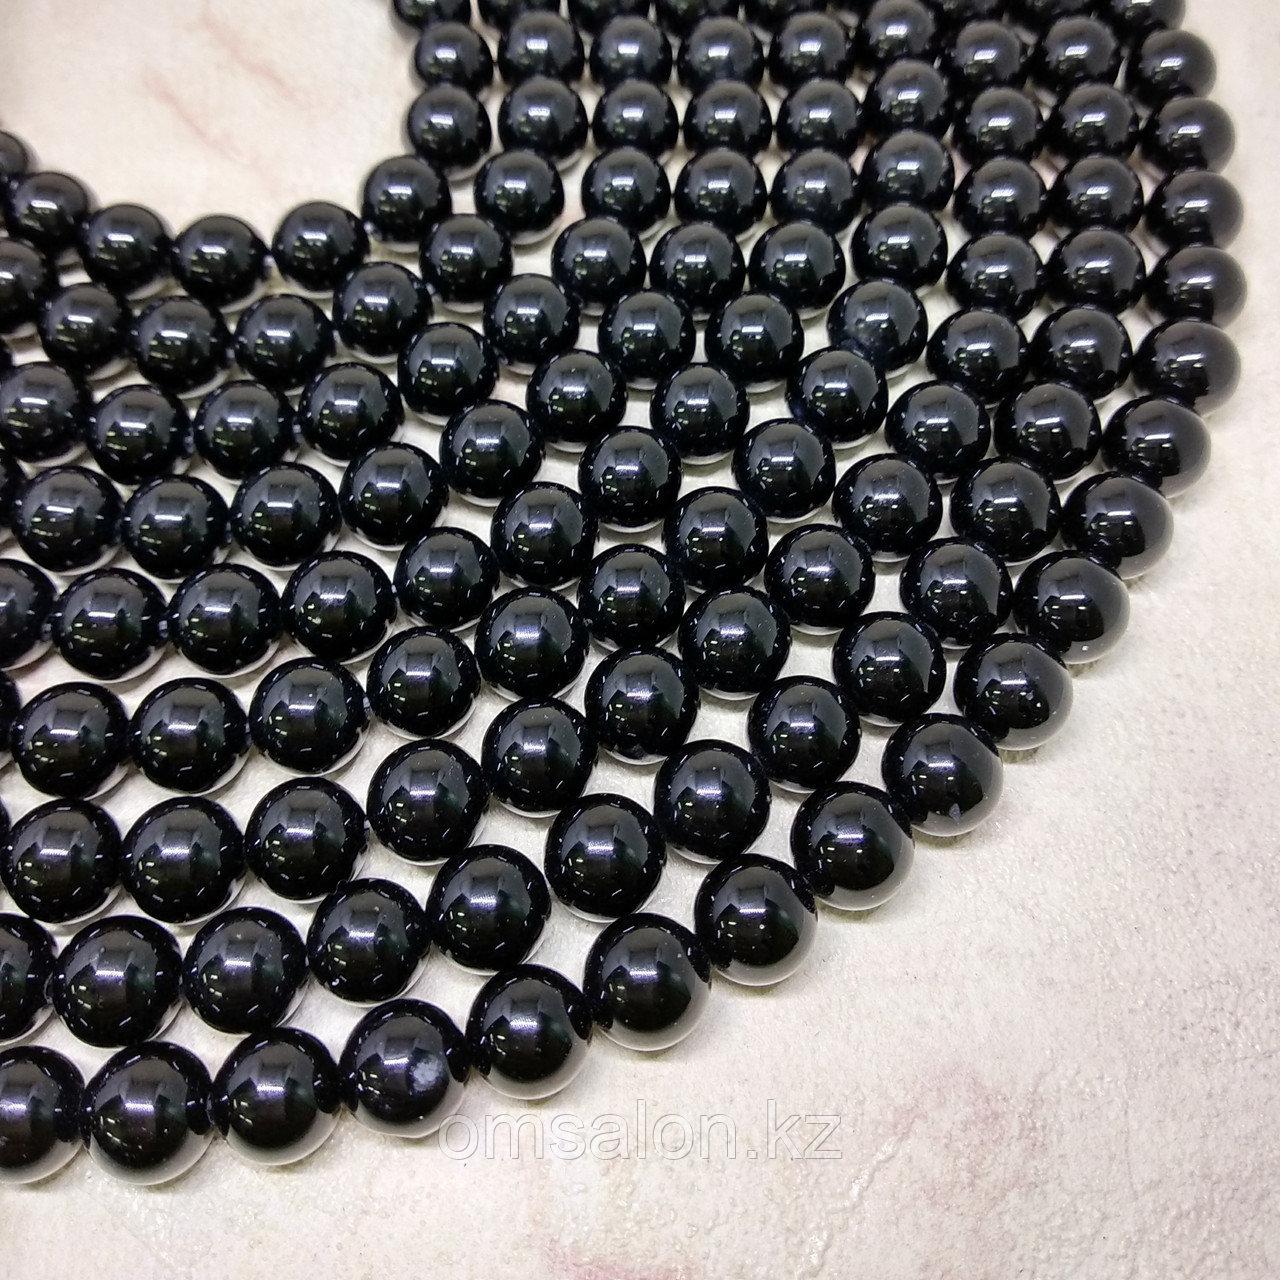 Оникс черный, 8мм